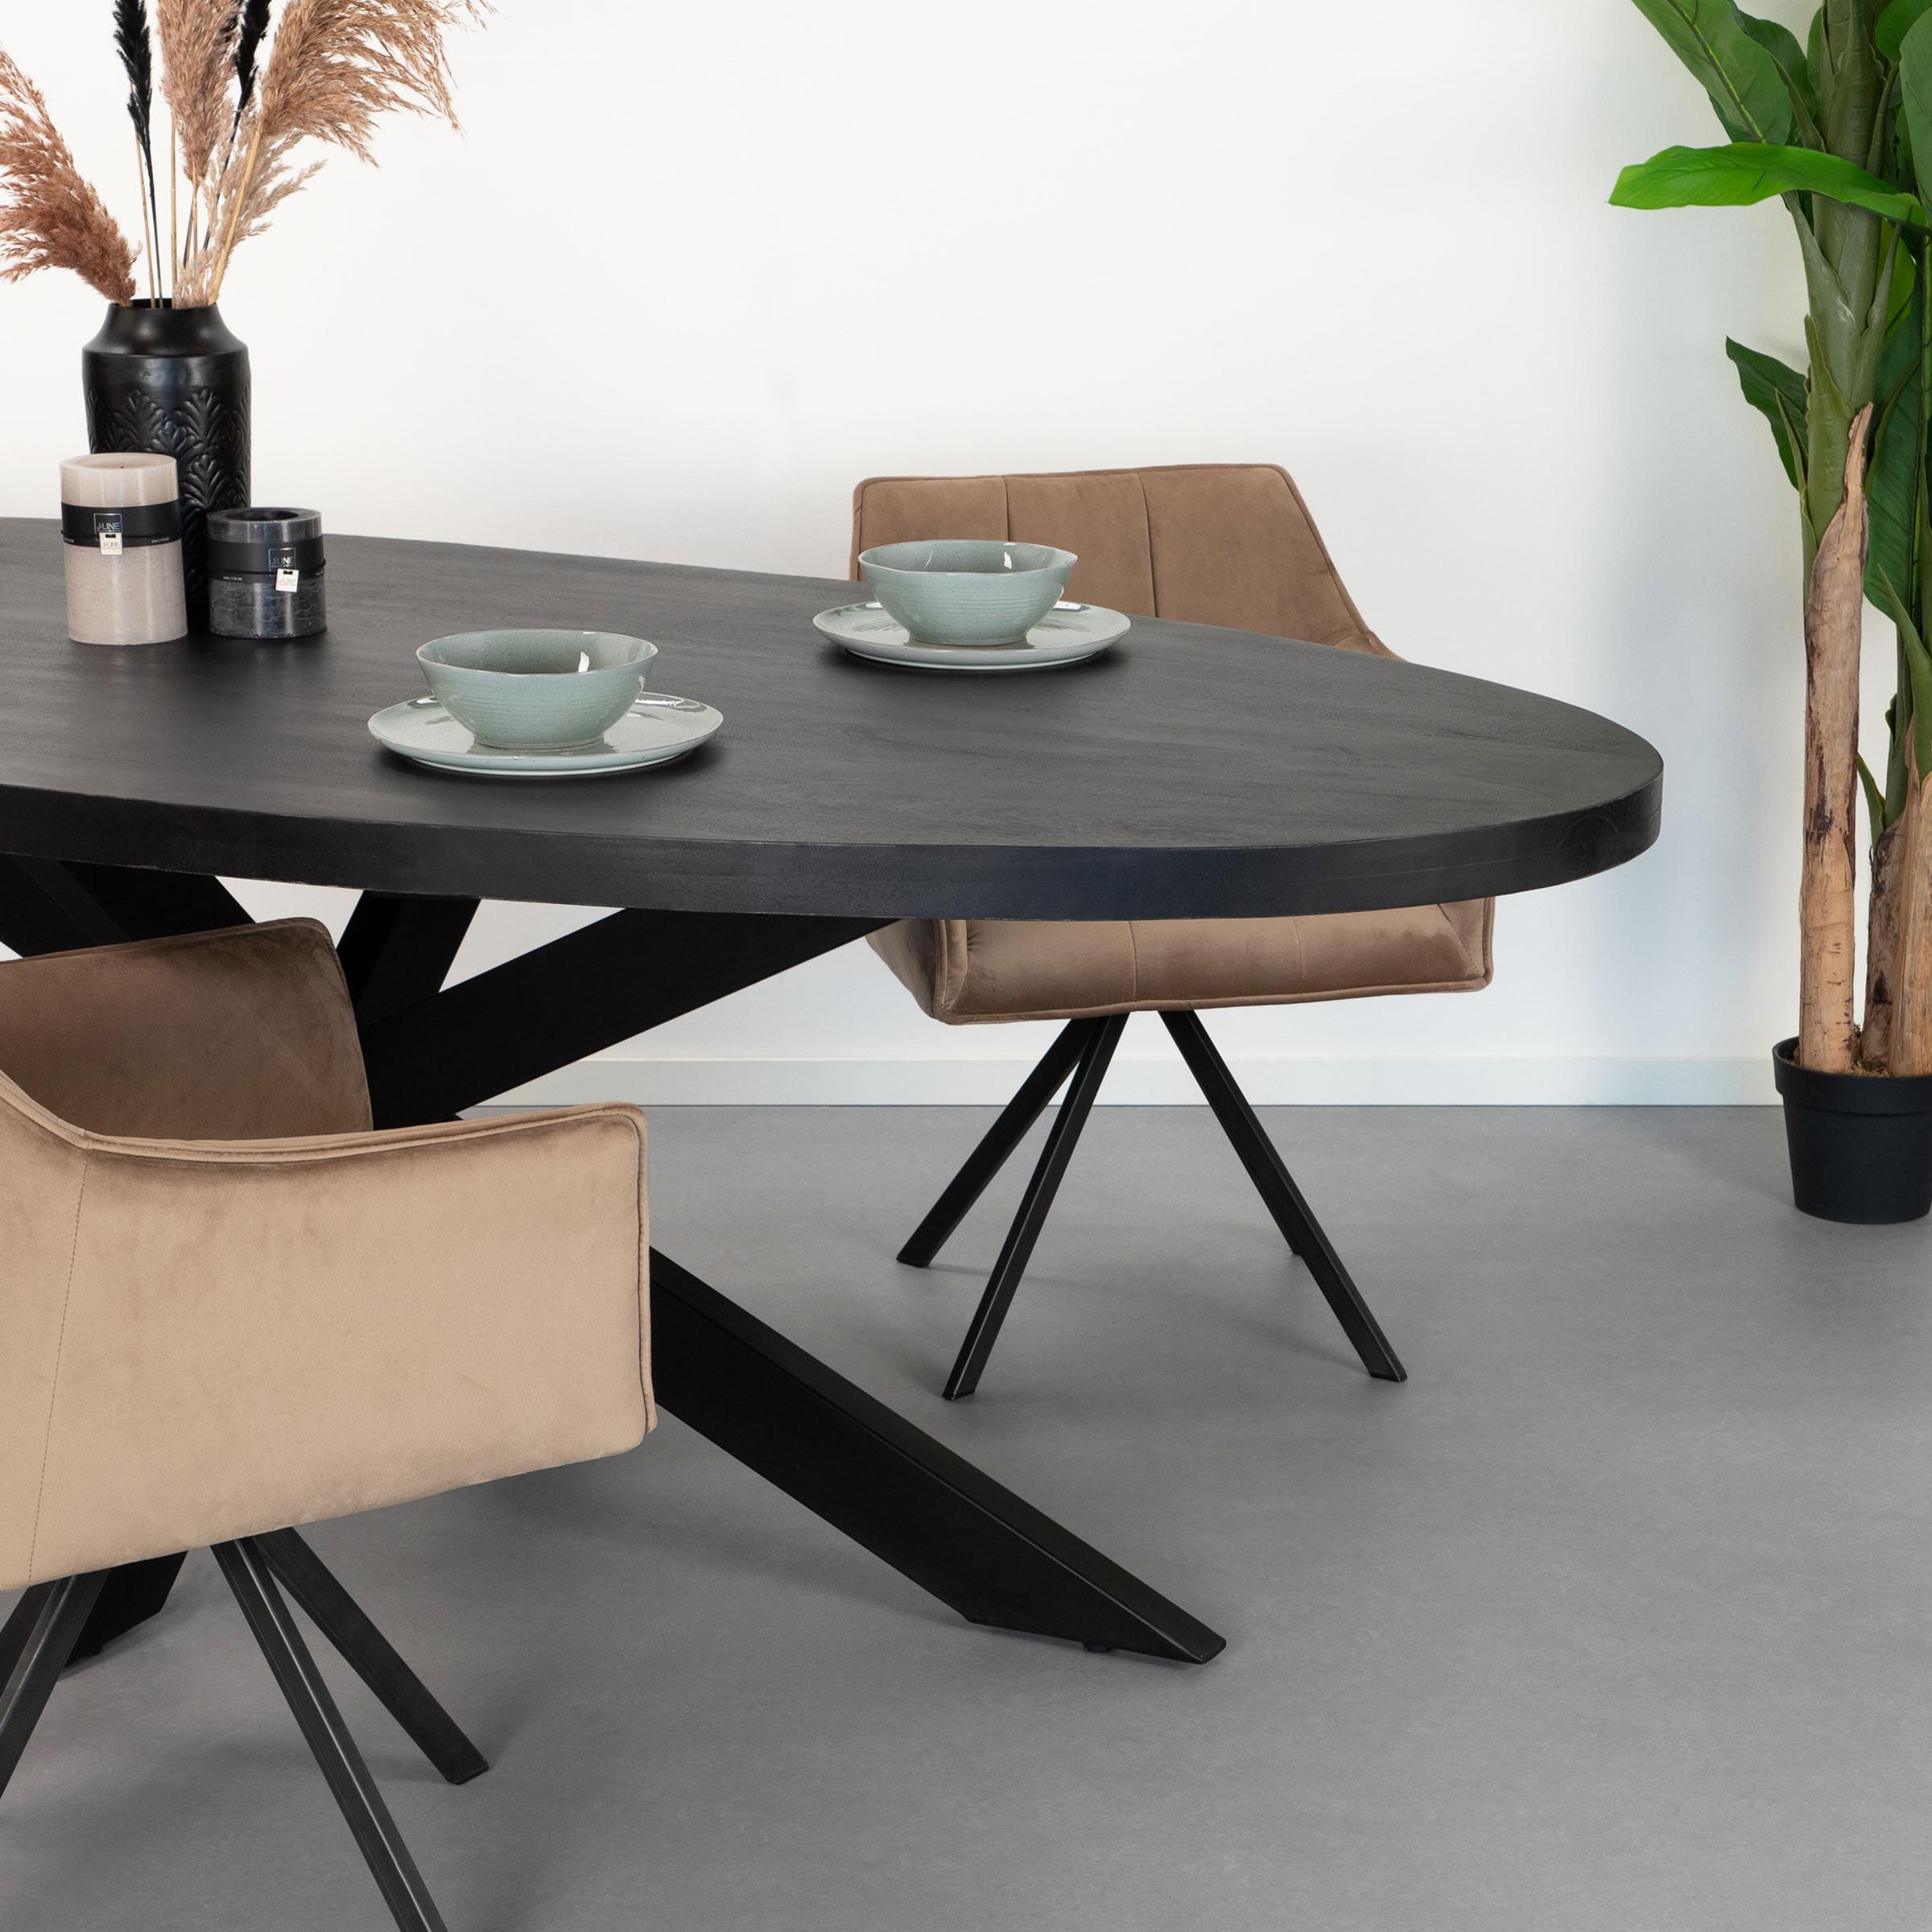 LivingFurn Ovale Eettafel 'Kala Spider' Mangohout en staal, 240 x 110cm